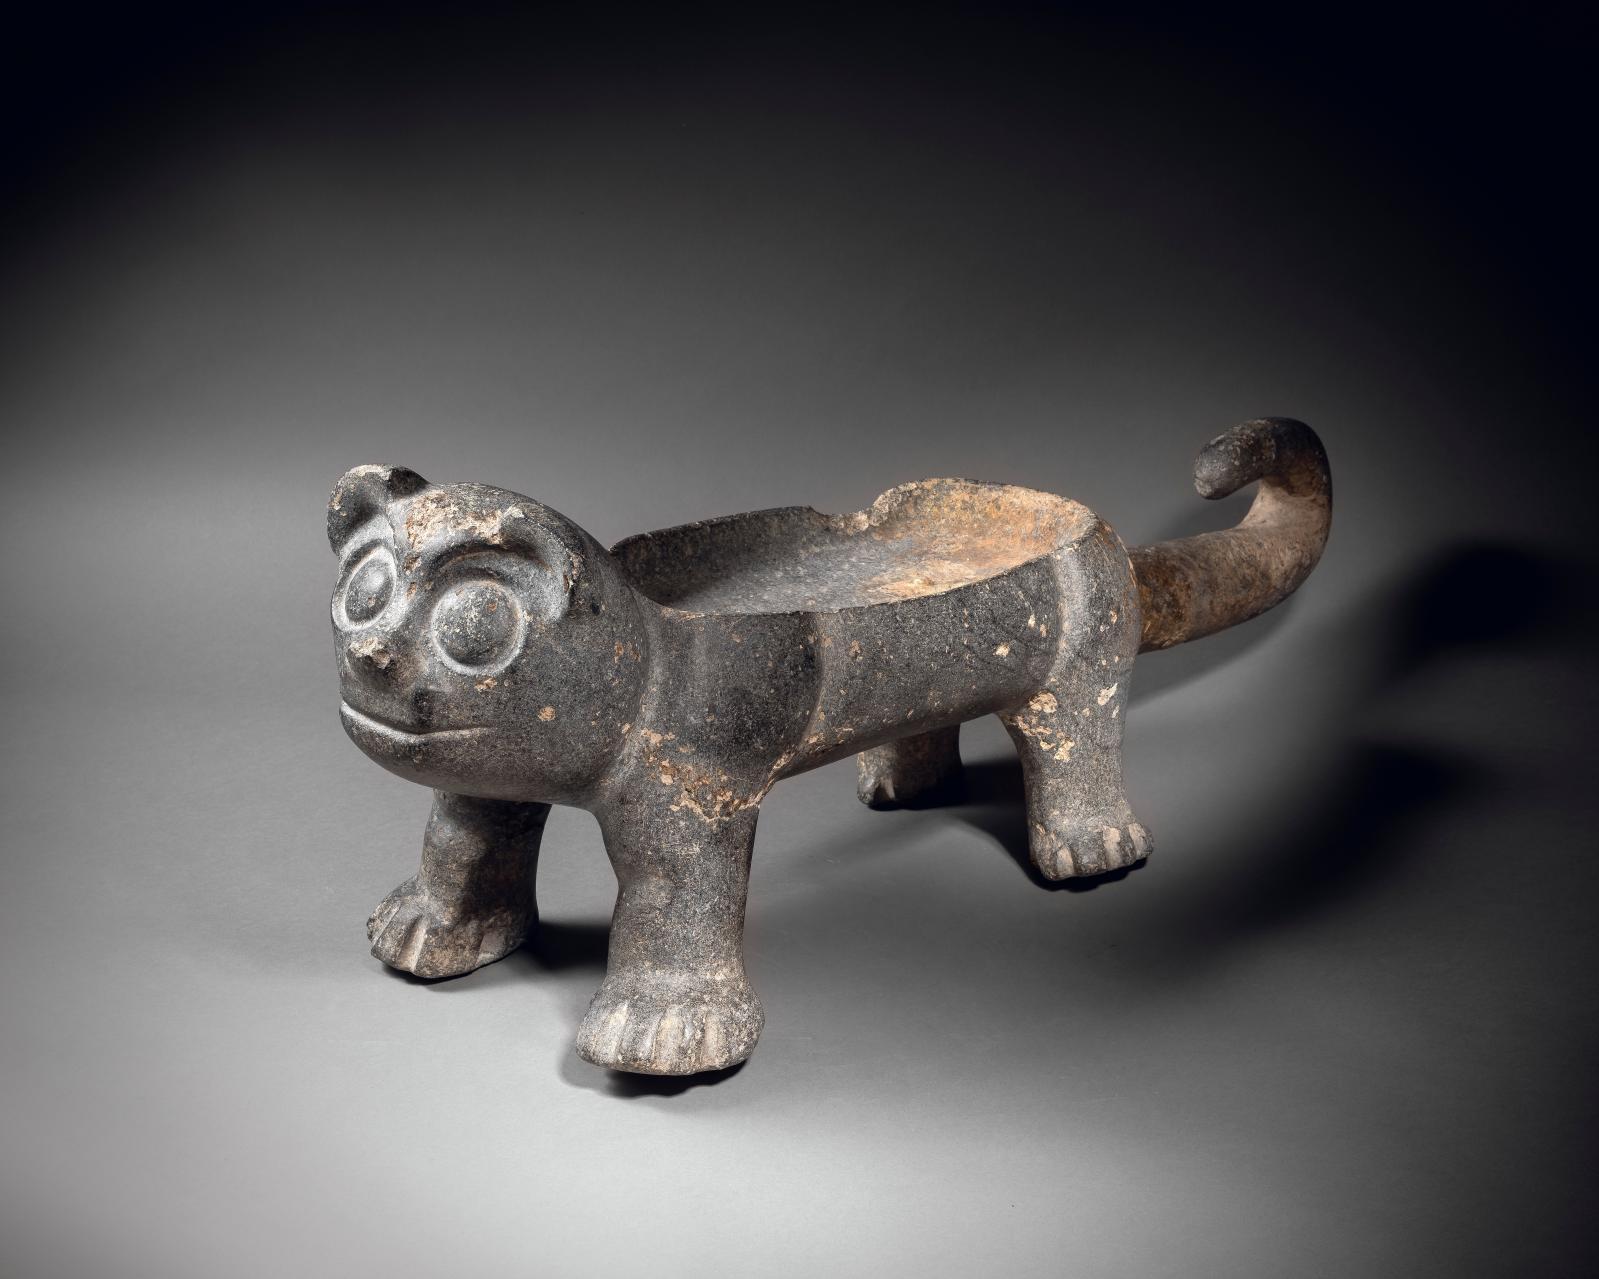 Culture xochipala, Mexique préclassique moyen, 1200-900 av. J.-C. Grand récipient en forme de félin, serpentine gris-vert foncé, h. 30,5, l. 87cm. Es